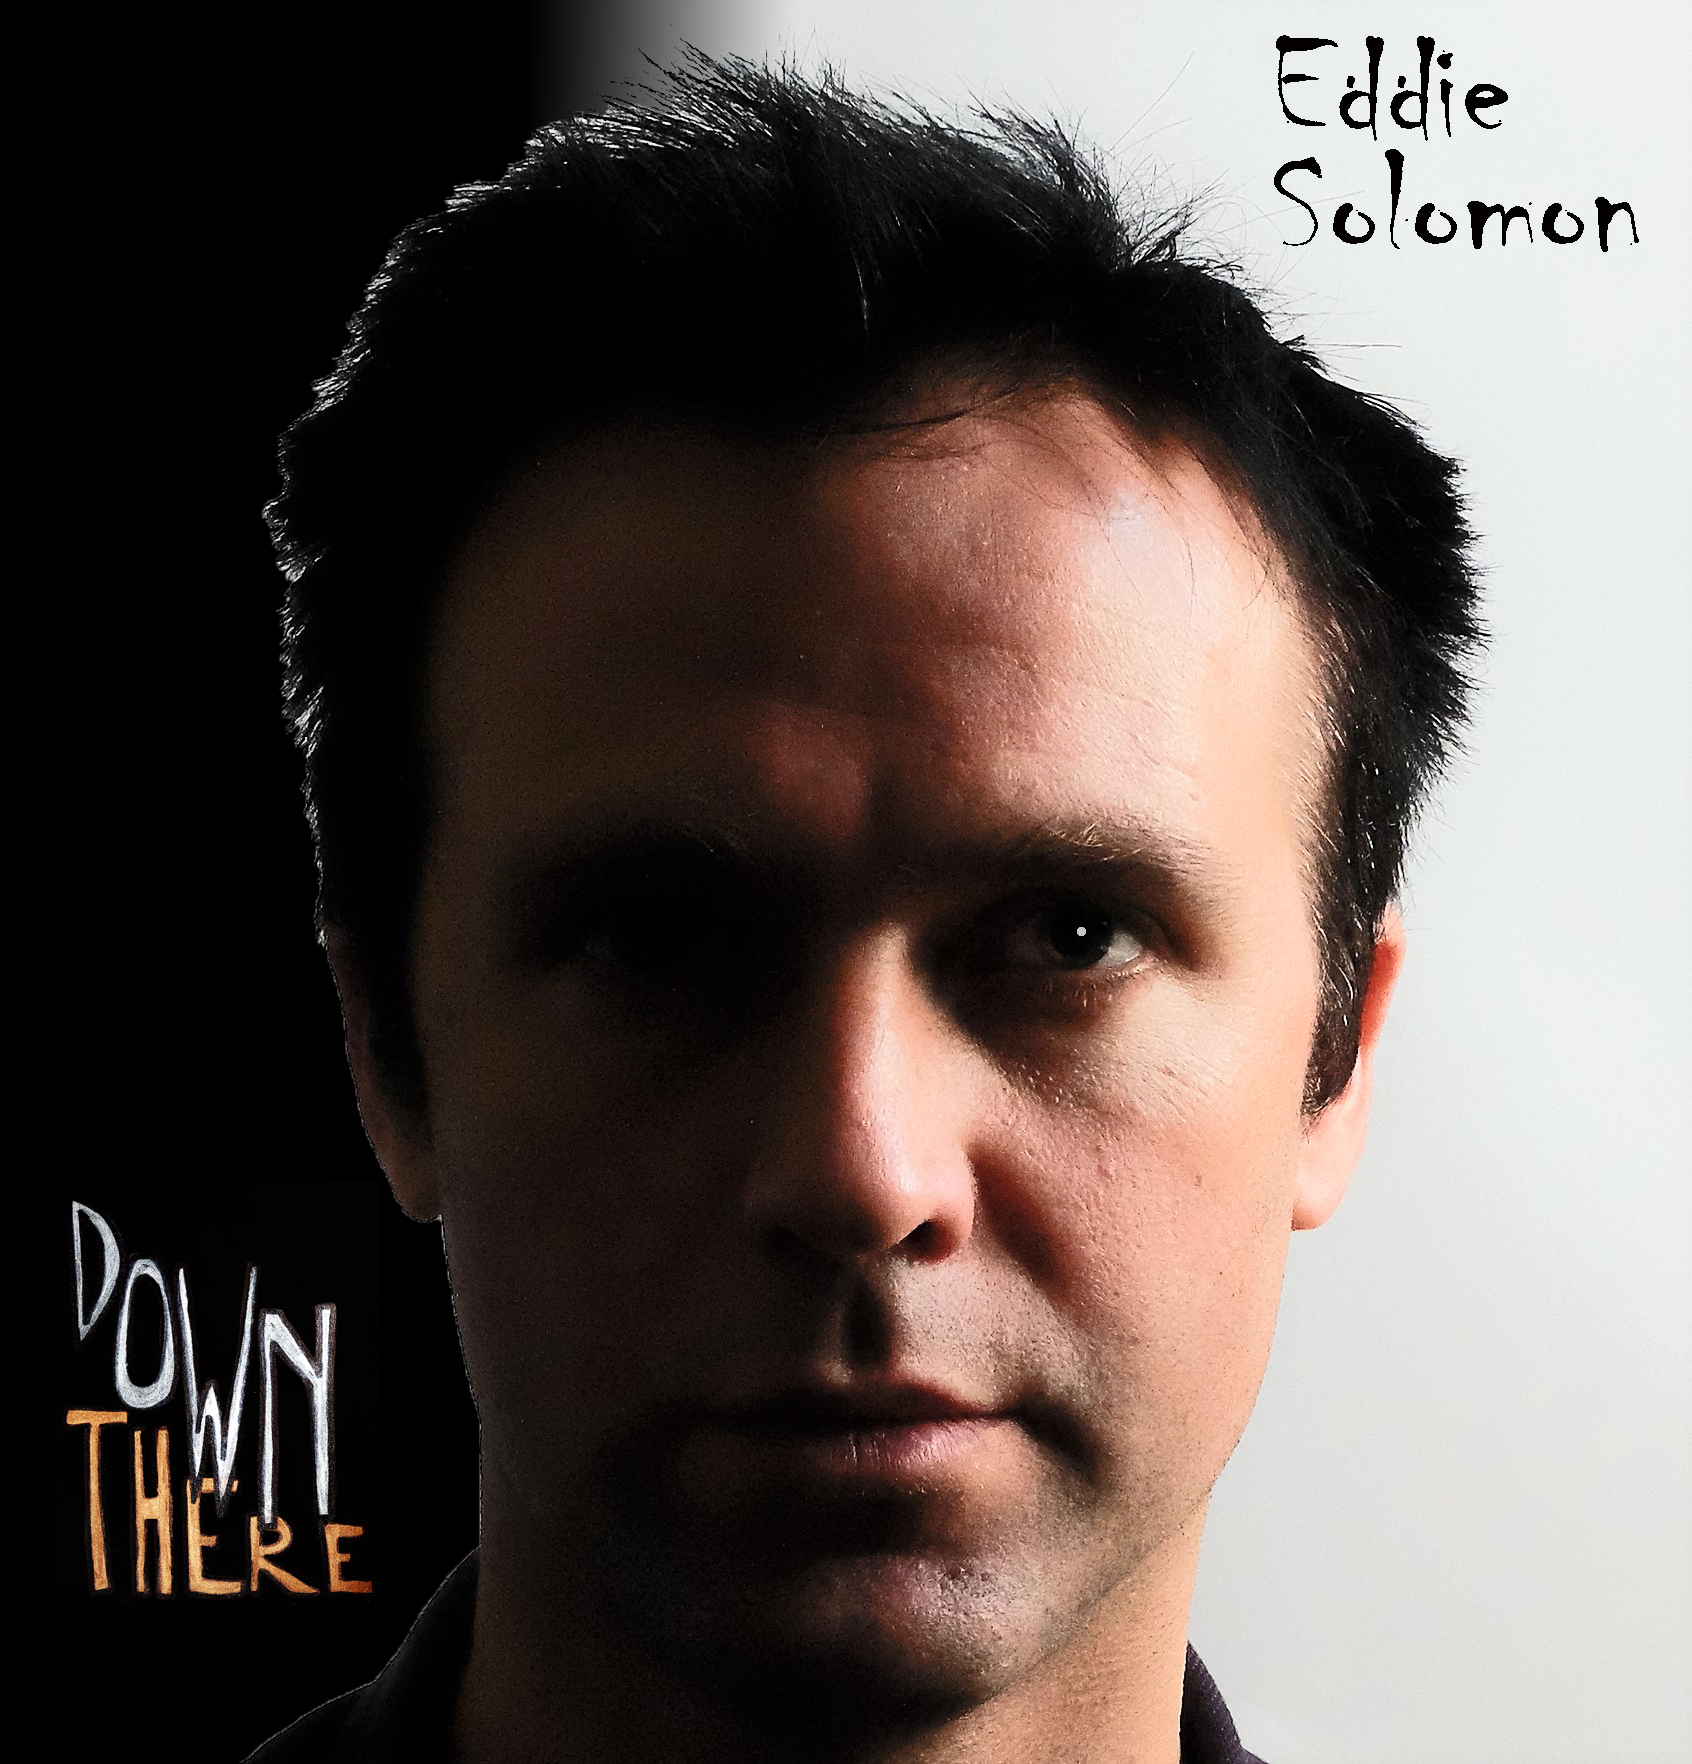 Eddie Solomon